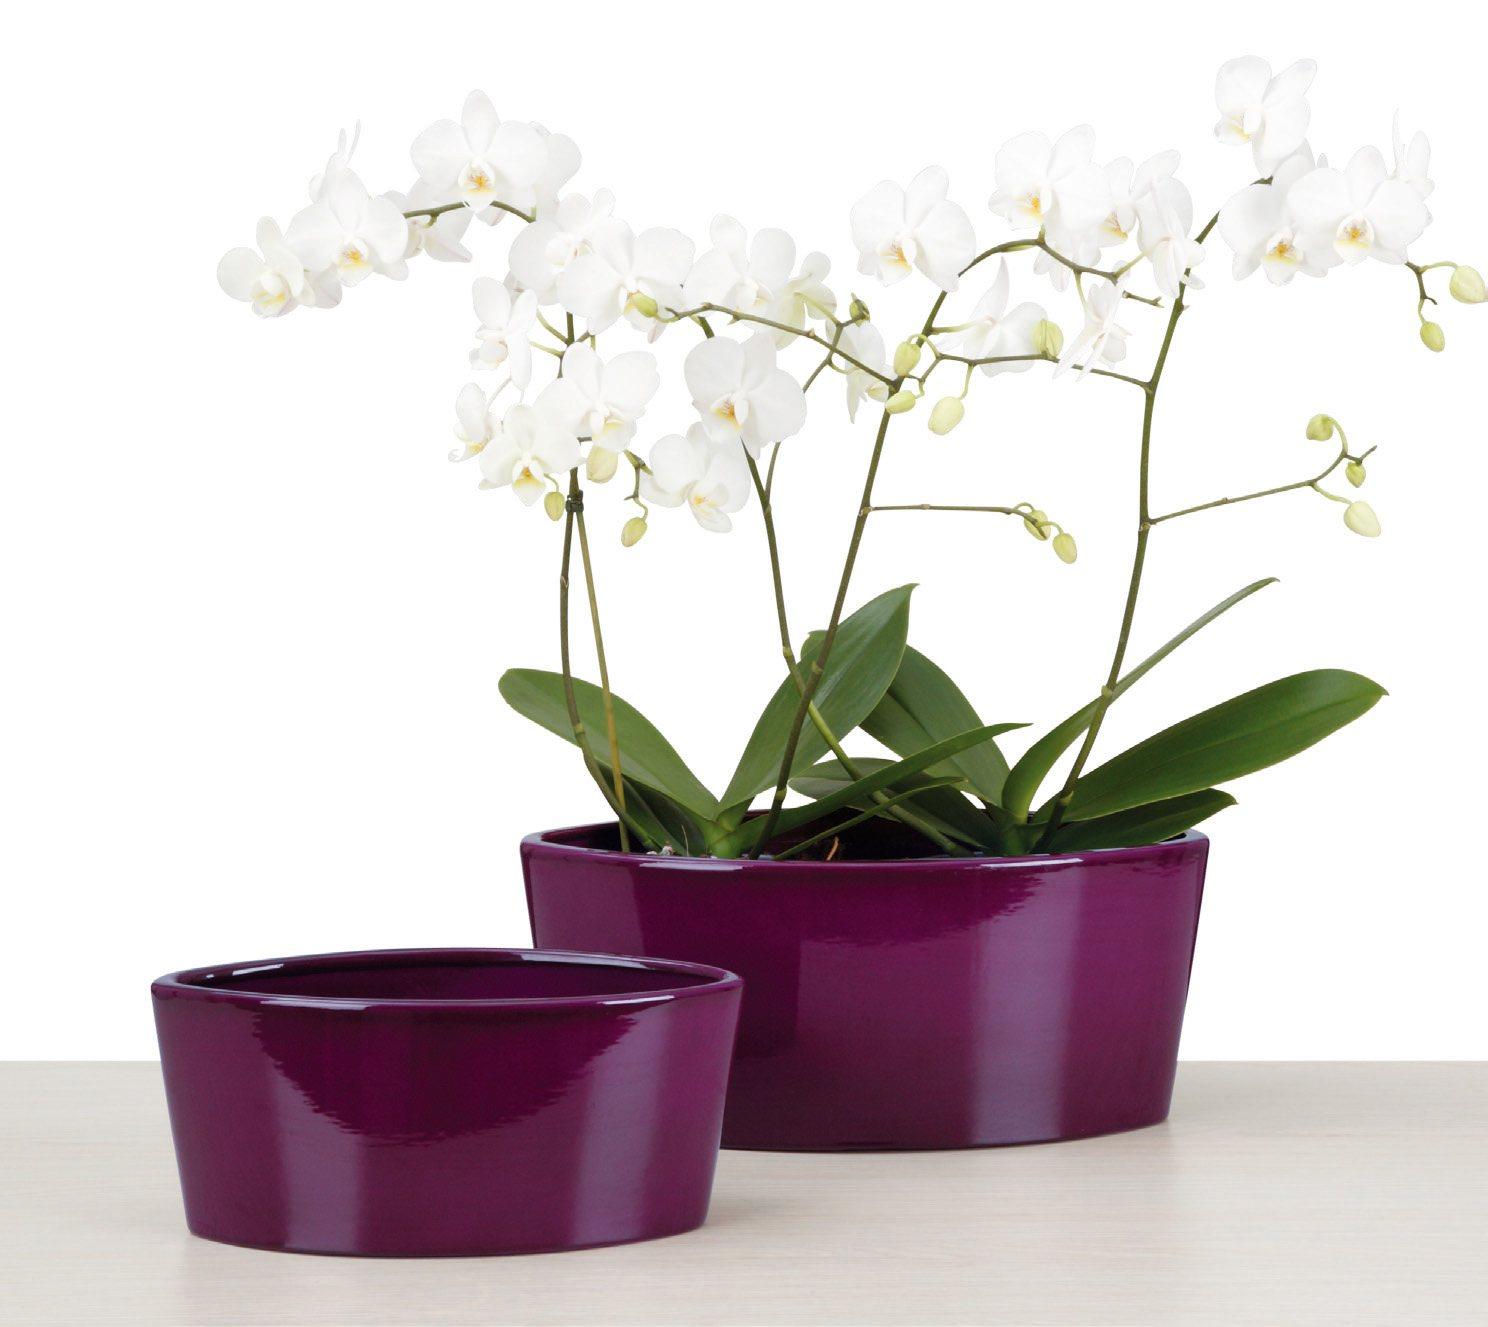 вазон орхидея картинки одной